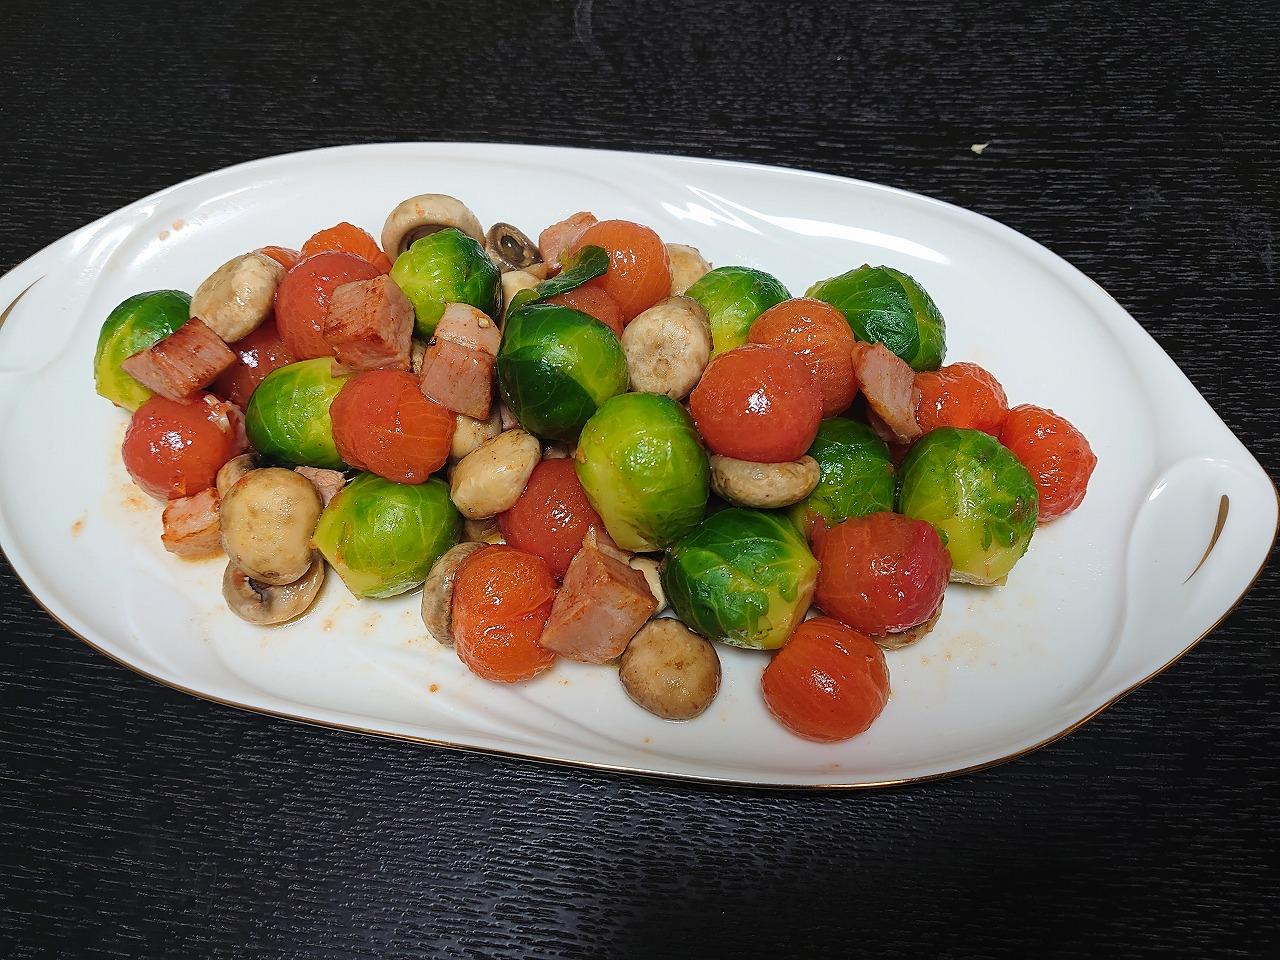 芽キャベツのホットサラダ